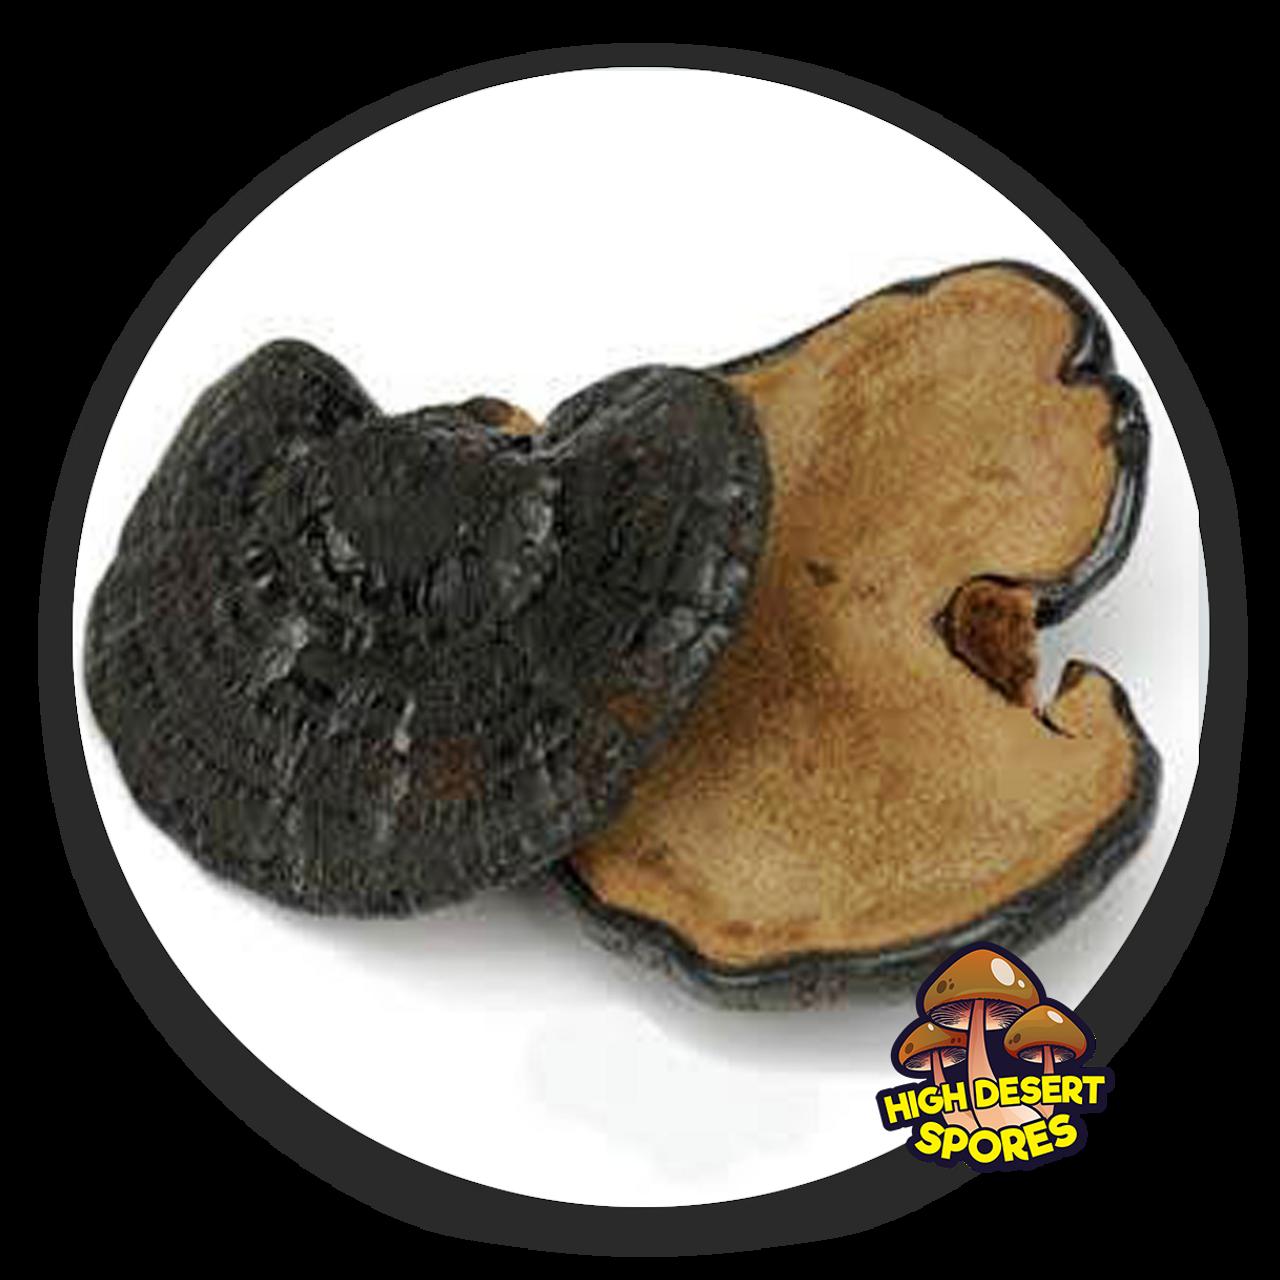 10cc Liquid Mushroom Culture Black Reishi (Ganoderma sinense)